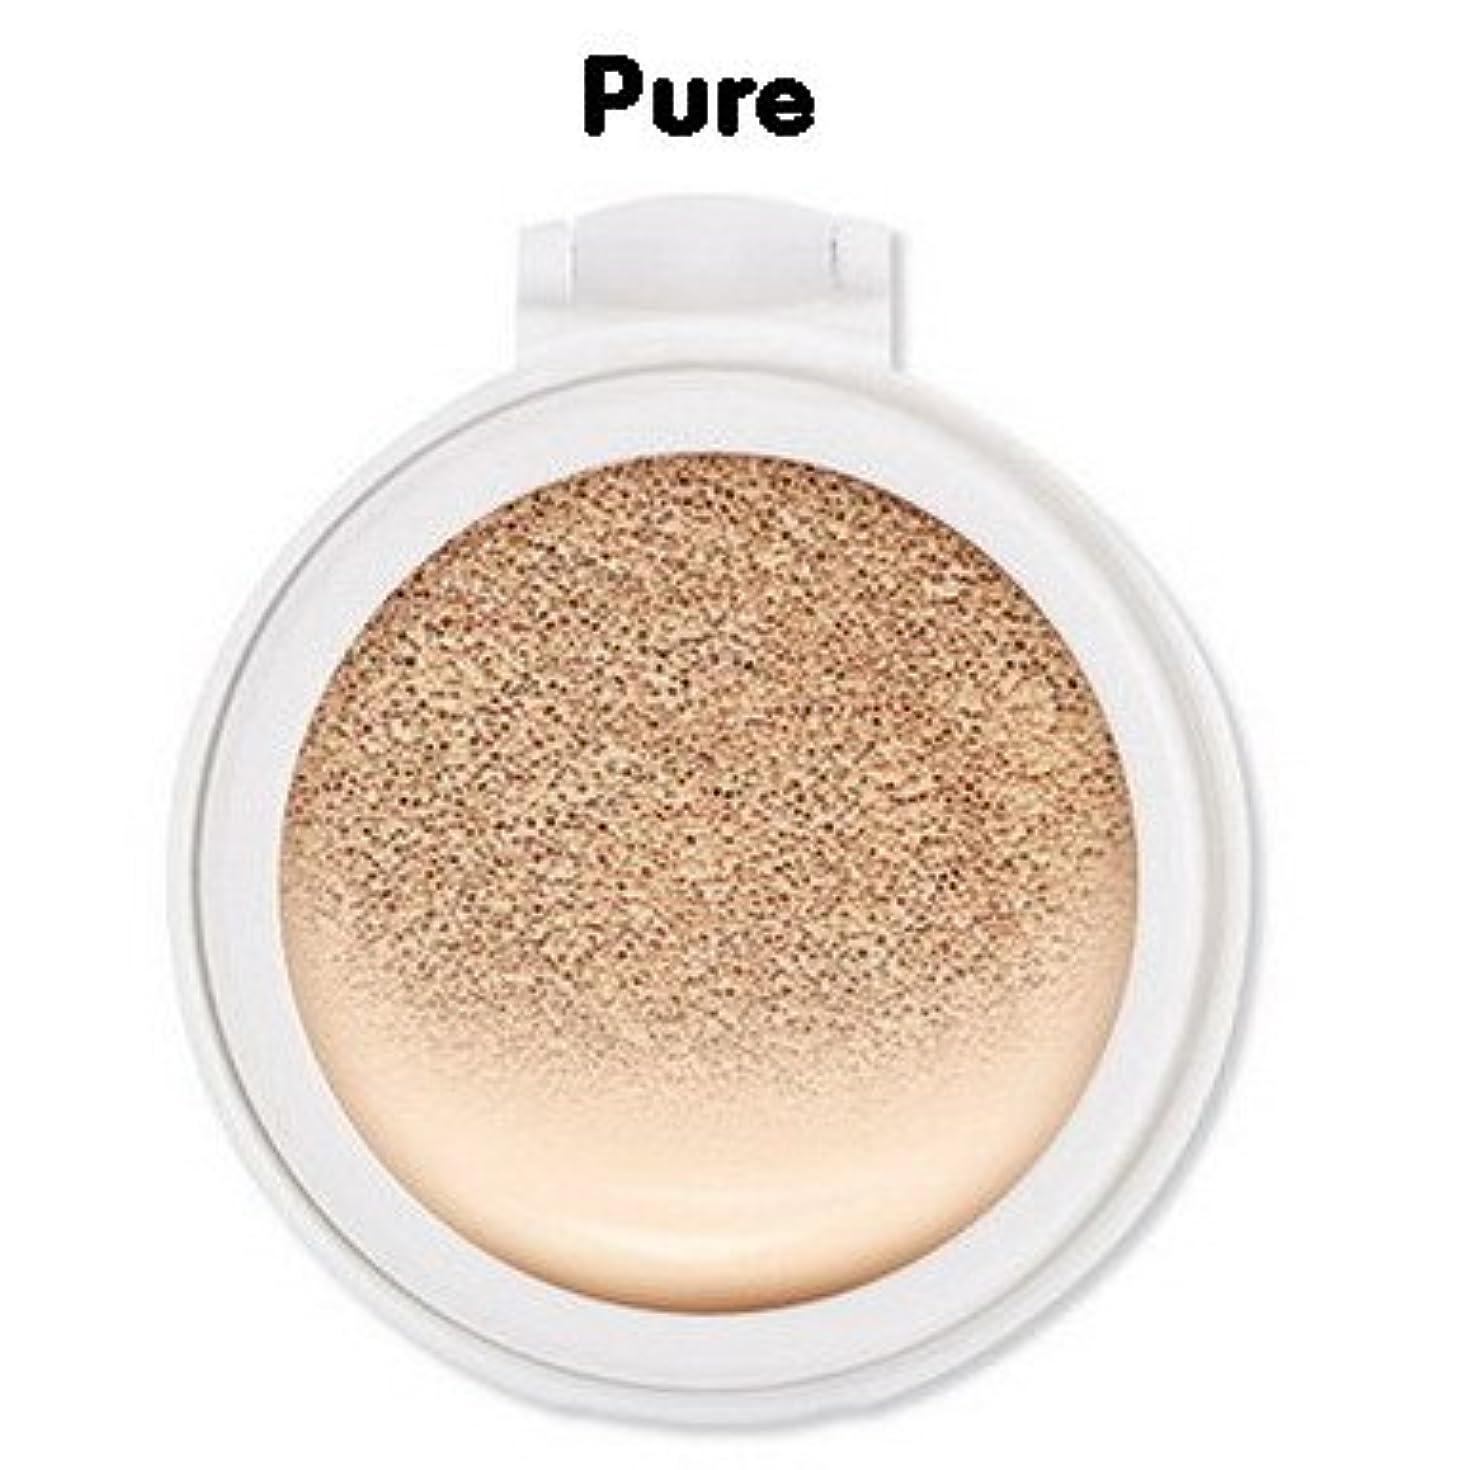 方法論与える貫通【ETUDE HOUSE(エチュードハウス)】エニクッション オールデーパーフェクト15g (リフィル) (SPF50+/ PA+++) (6カラー選択1) (Pure) [並行輸入品]